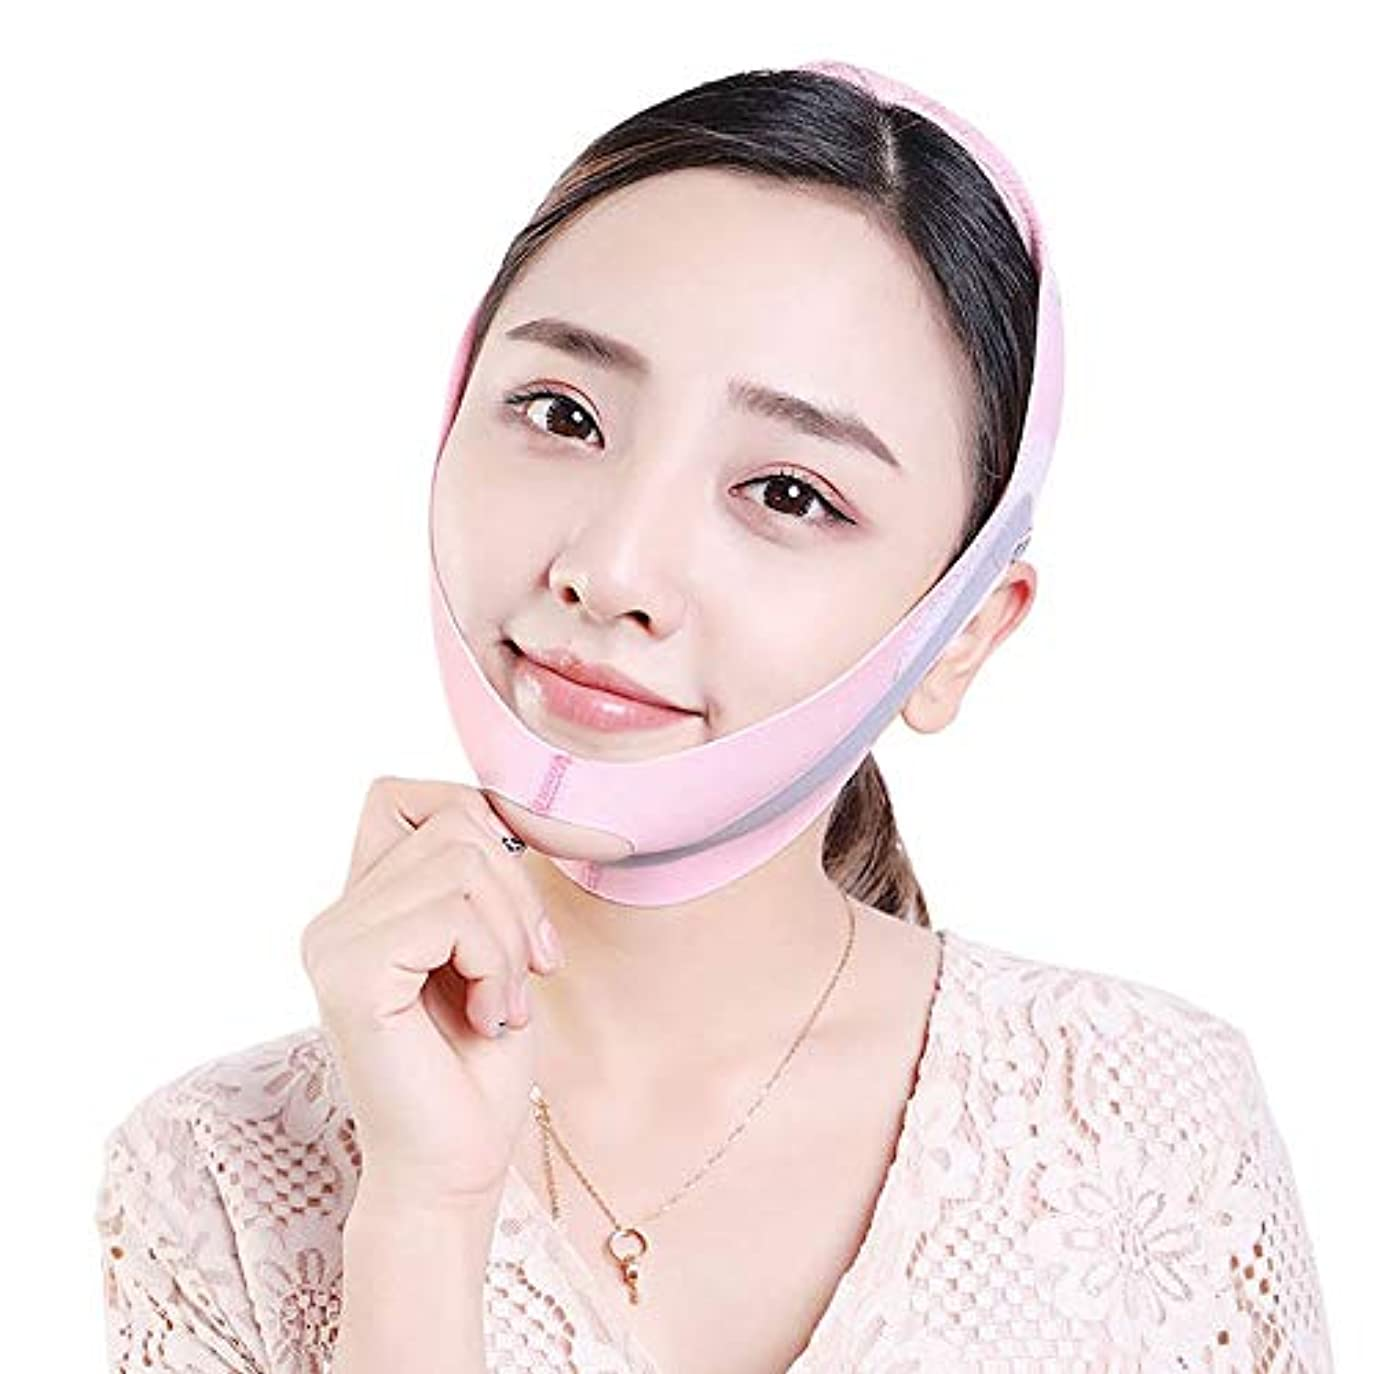 息を切らして一流ファセット飛強強 たるみを防ぐために顔を持ち上げるために筋肉を引き締めるために二重あごのステッカーとラインを削除するために、顔を持ち上げるアーティファクト包帯があります - ピンク スリムフィット美容ツール